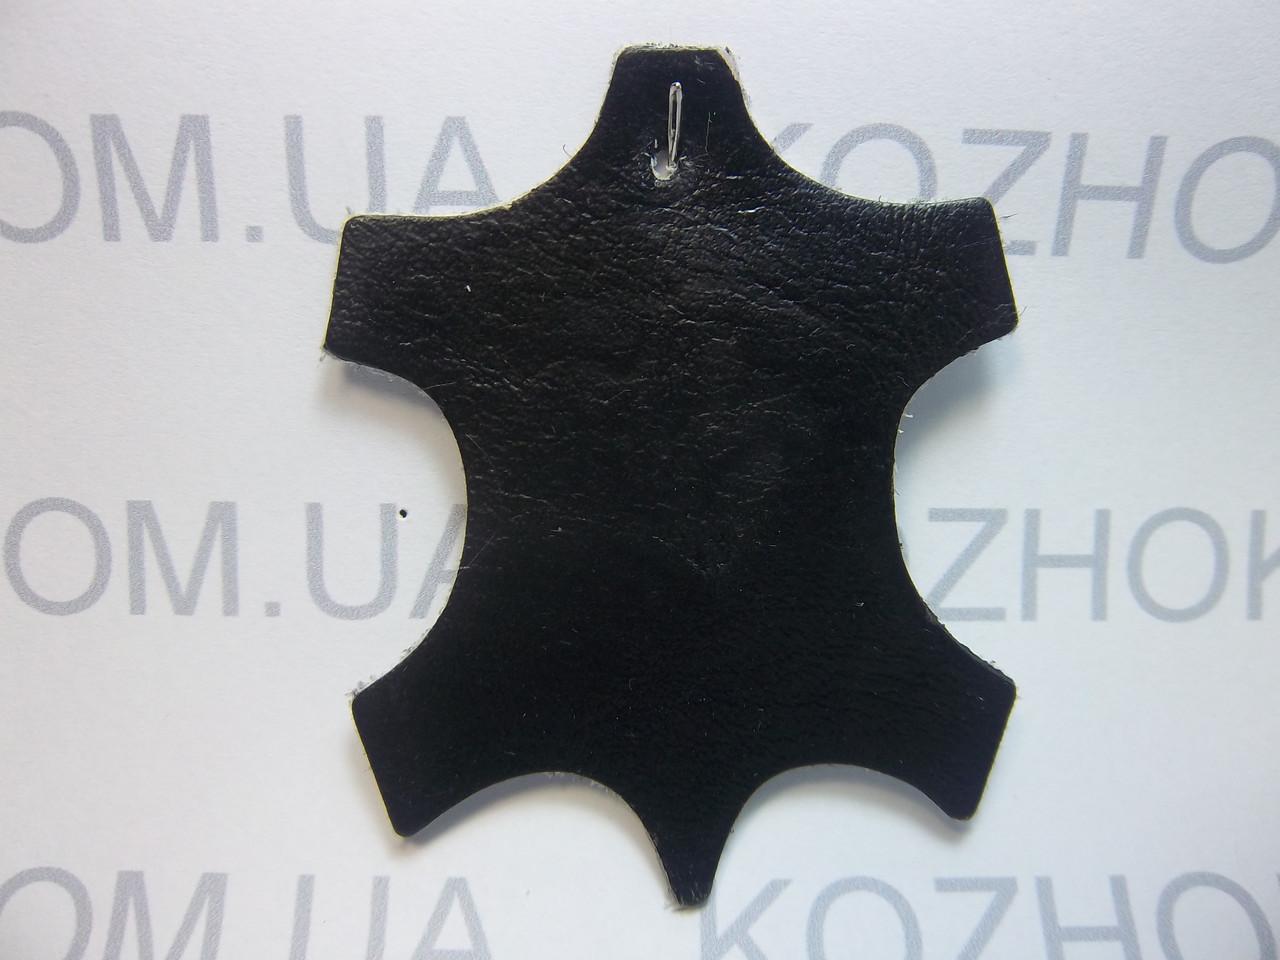 Краска для Лаковой Кожи Черная Felice Для обуви,гладкой кожи, кожгалантереи, кожаной мебели, кожаного салона